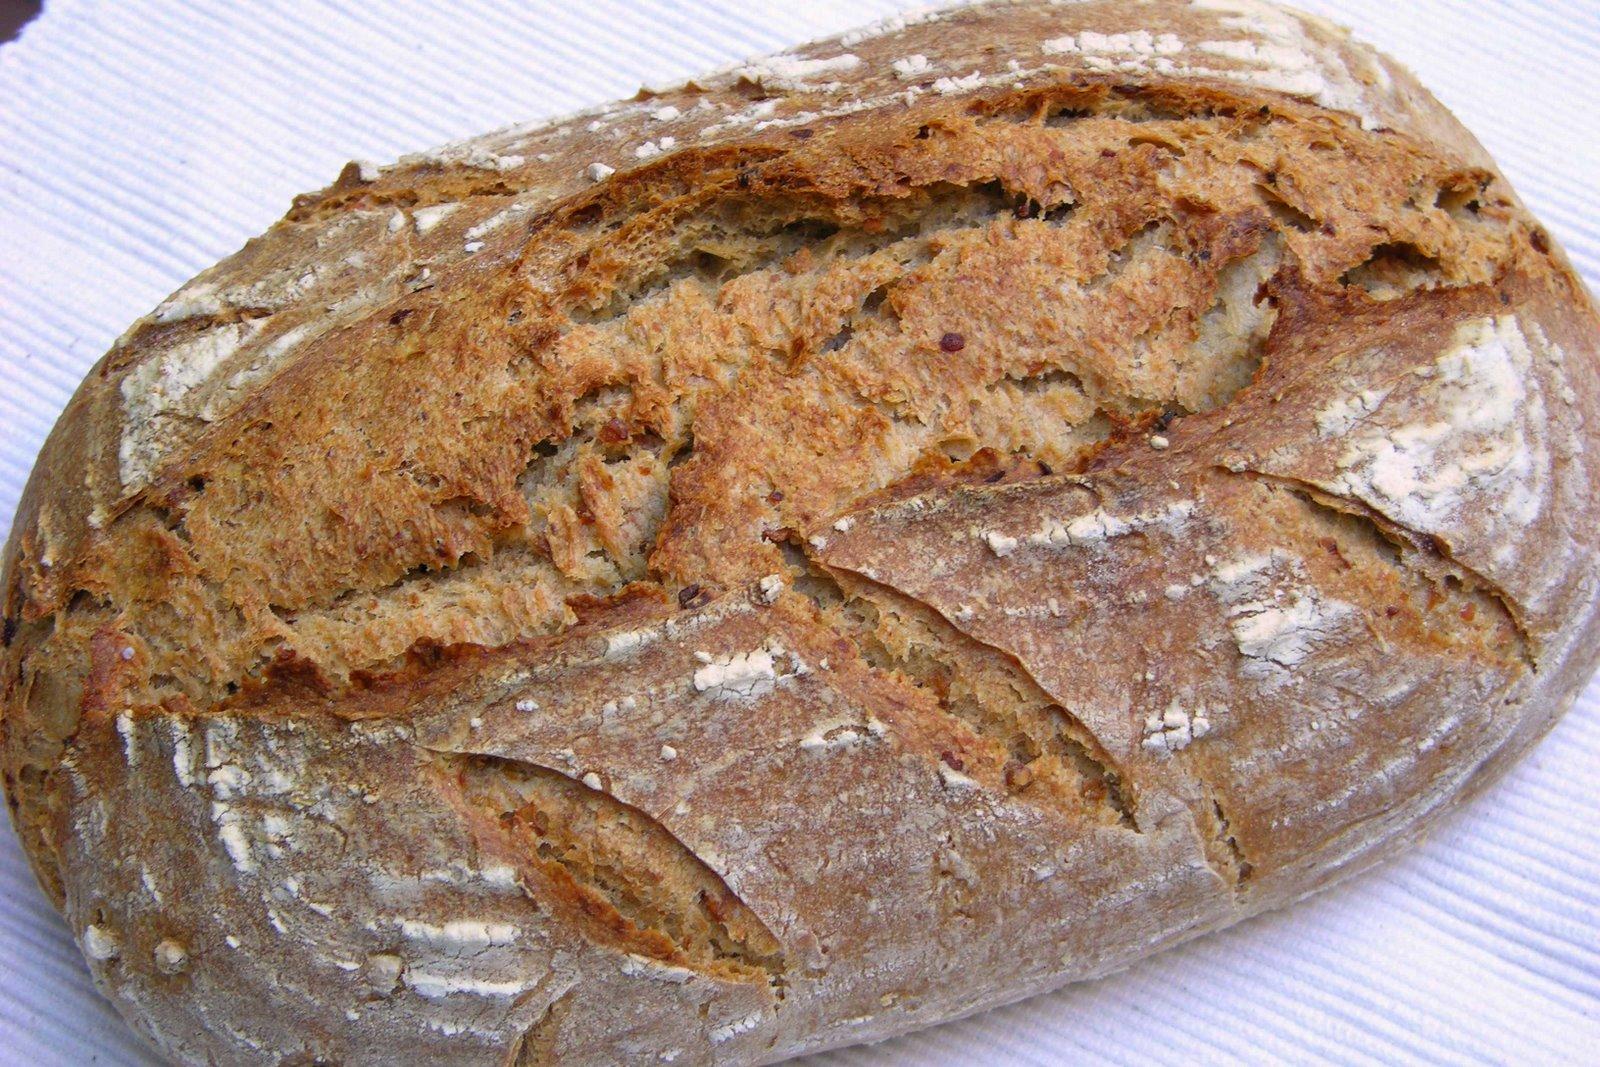 Pan de centeno blanco y trigo con granos de trigo for Cocinar trigo